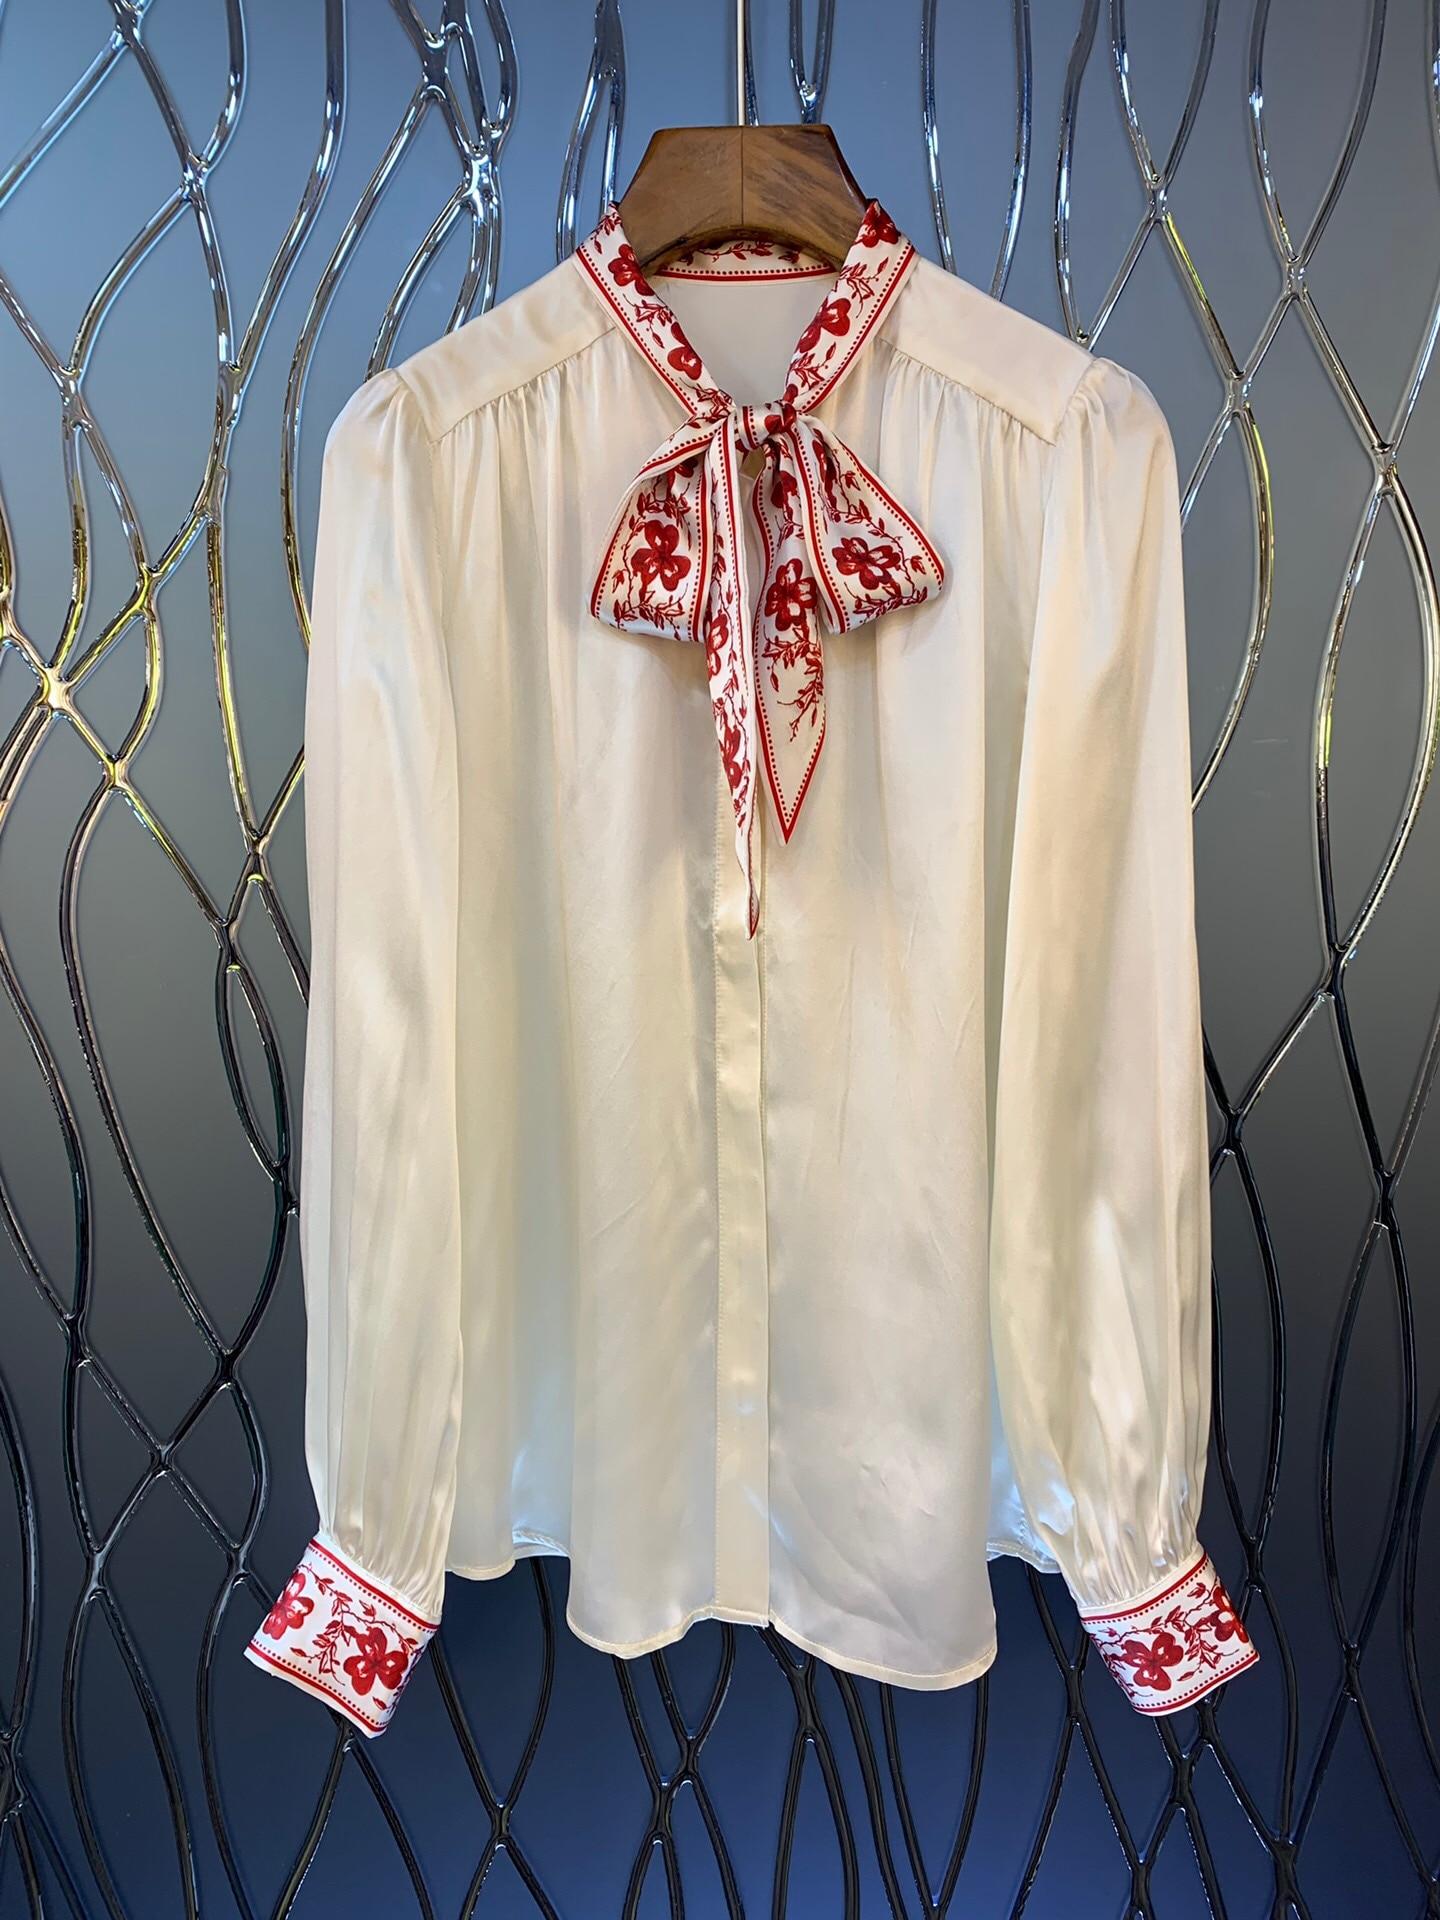 2019 neue Elegante Vintage Gedruckt Bogen Kragen Seide Frauen Langarm Shirt Kostenloser Versand Weltweit